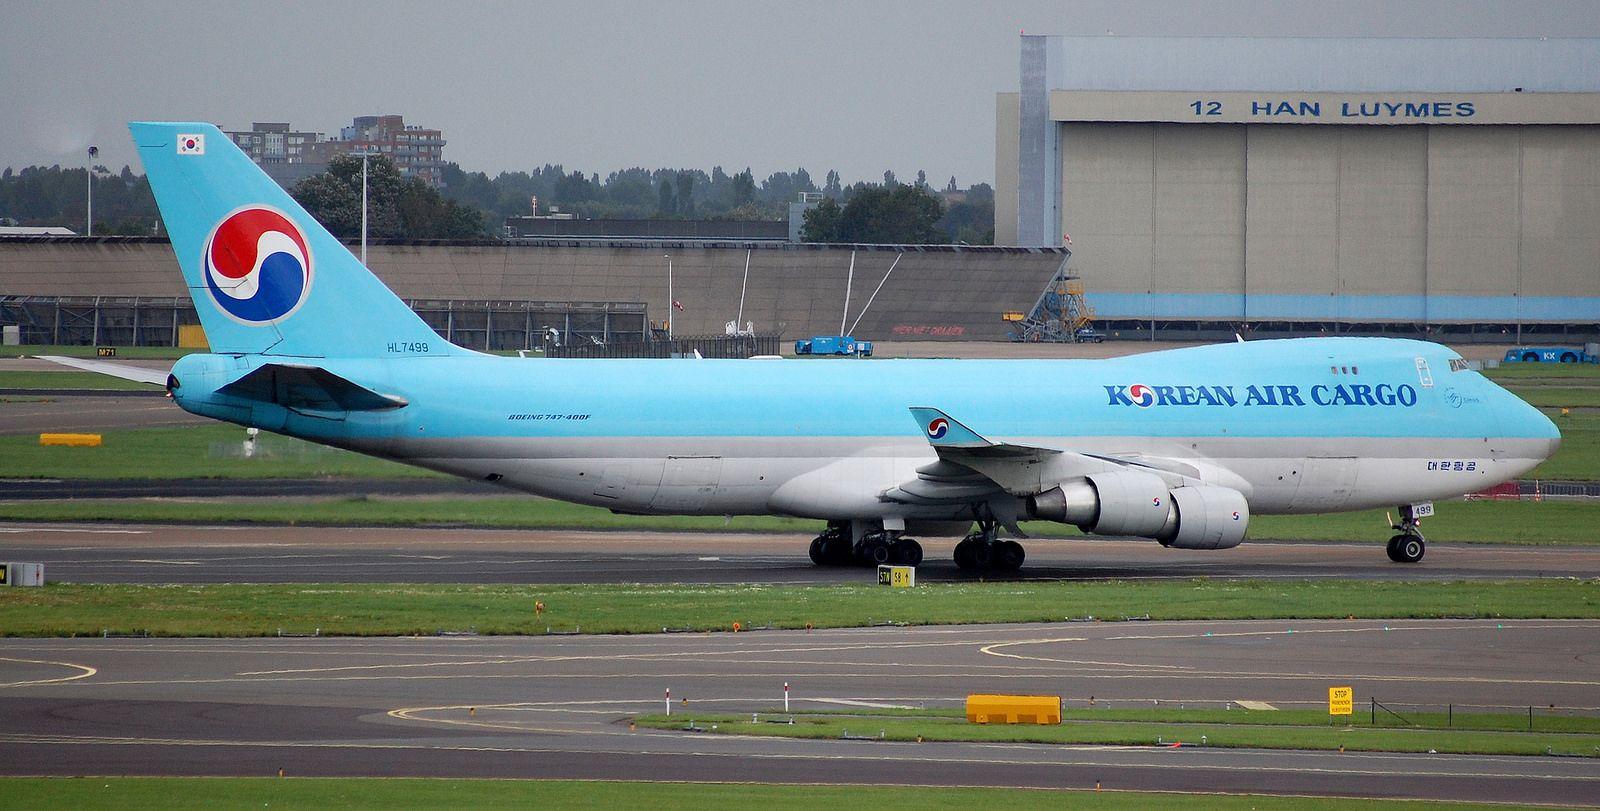 Amsterdam 2015 (395) HL7499 B747400FKorean Air Cargo